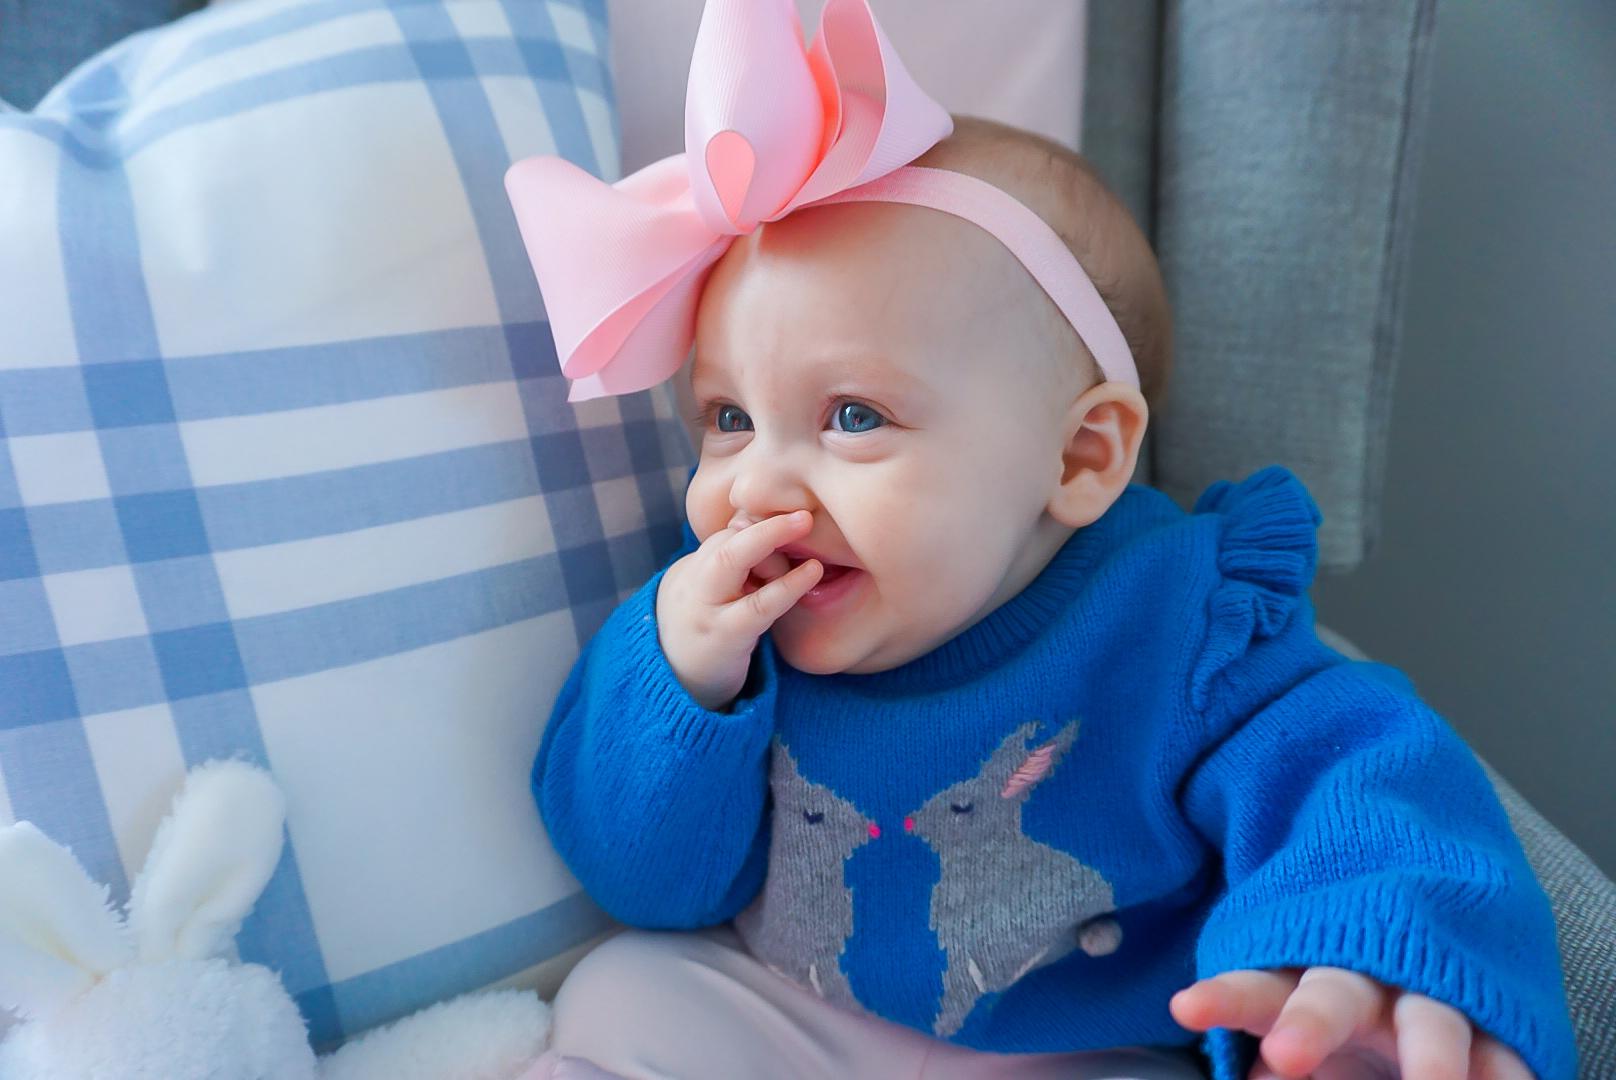 baby-led weaning blog, baby-led weaning blogger, baby-led weaning ideas, baby-led feeding blog